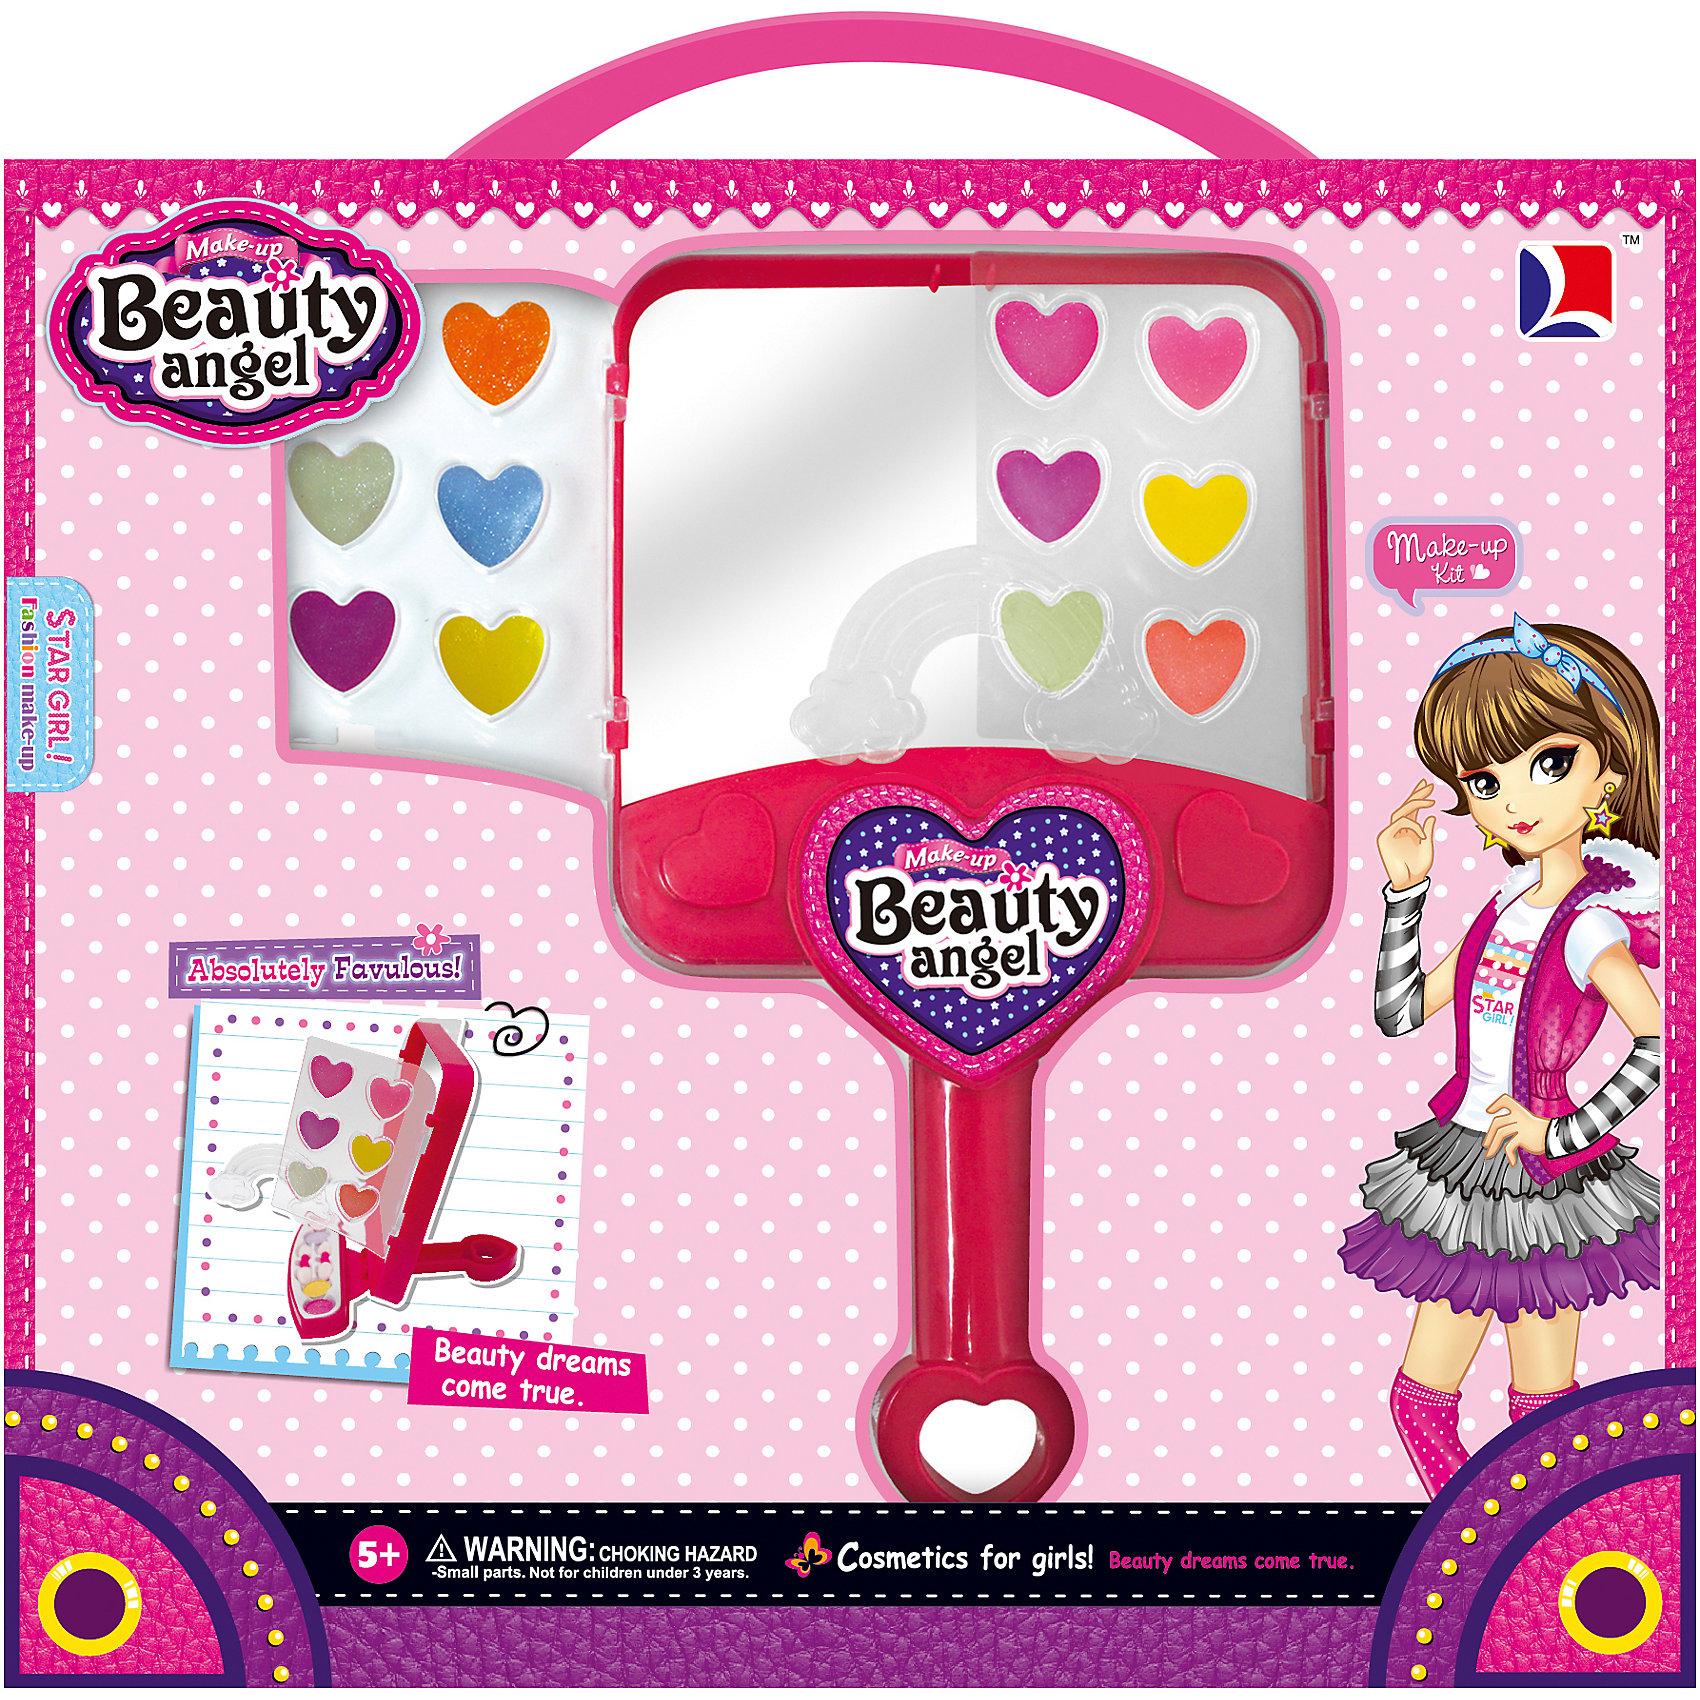 Игровой косметический набор Зеркало, Beauty AngelКосметика, грим и парфюмерия<br>Характеристики:<br><br>• Вид игрушек: детская косметика<br>• Пол: для девочки<br>• Материал: пластик, натуральные компоненты и красители<br>• Цвет: оттенки розового, голубой, желтый, зеленый, оранжевый и др.<br>• Комплектация: <br> блеск для губ – 12 тонов <br> кисточка – 2 шт.<br>• Форма футляра: зеркало с ручкой<br>• Размер упаковки (Д*Ш*В): 27,4*3*30 см<br>• Вес: 278 г<br>• Упаковка: картонная коробка с блистером<br><br>Игровой косметический набор Зеркало, Beauty Angel от всемирно известного торгового бренда Dileny, который занимается разработкой, дизайном и выпуском детской декоративной косметики с учетом модных и стильных тенденций мира моды. Линейка наборов Beauty Angel представляет собой косметические наборы в состав которых входят как матовые, так и перламутровые оттенки, аксессуары и инструменты для нанесения макияжа. <br><br>Декоративная косметика от Dileny легко наносится, ложится ровным слоем, не осыпается и легко смывается либо теплой водой, либо детским косметическим маслом. Косметика обладает повышенными гипоаллергенными свойствами и легким ароматом. Игровой косметический набор Зеркало, Beauty Angel состоит из 12 оттенков блеска для губ и кисточек для их нанесения. Футляр выполнен в форме зекрала с ручкой.<br><br>Игровой косметический набор Зеркало, Beauty Angel станет идеальным подарком для девочки к любому празднику.<br><br>Игровой косметический набор Зеркало, Beauty Angel можно купить в нашем интернет-магазине.<br><br>Ширина мм: 274<br>Глубина мм: 30<br>Высота мм: 300<br>Вес г: 278<br>Возраст от месяцев: 60<br>Возраст до месяцев: 120<br>Пол: Женский<br>Возраст: Детский<br>SKU: 5418950